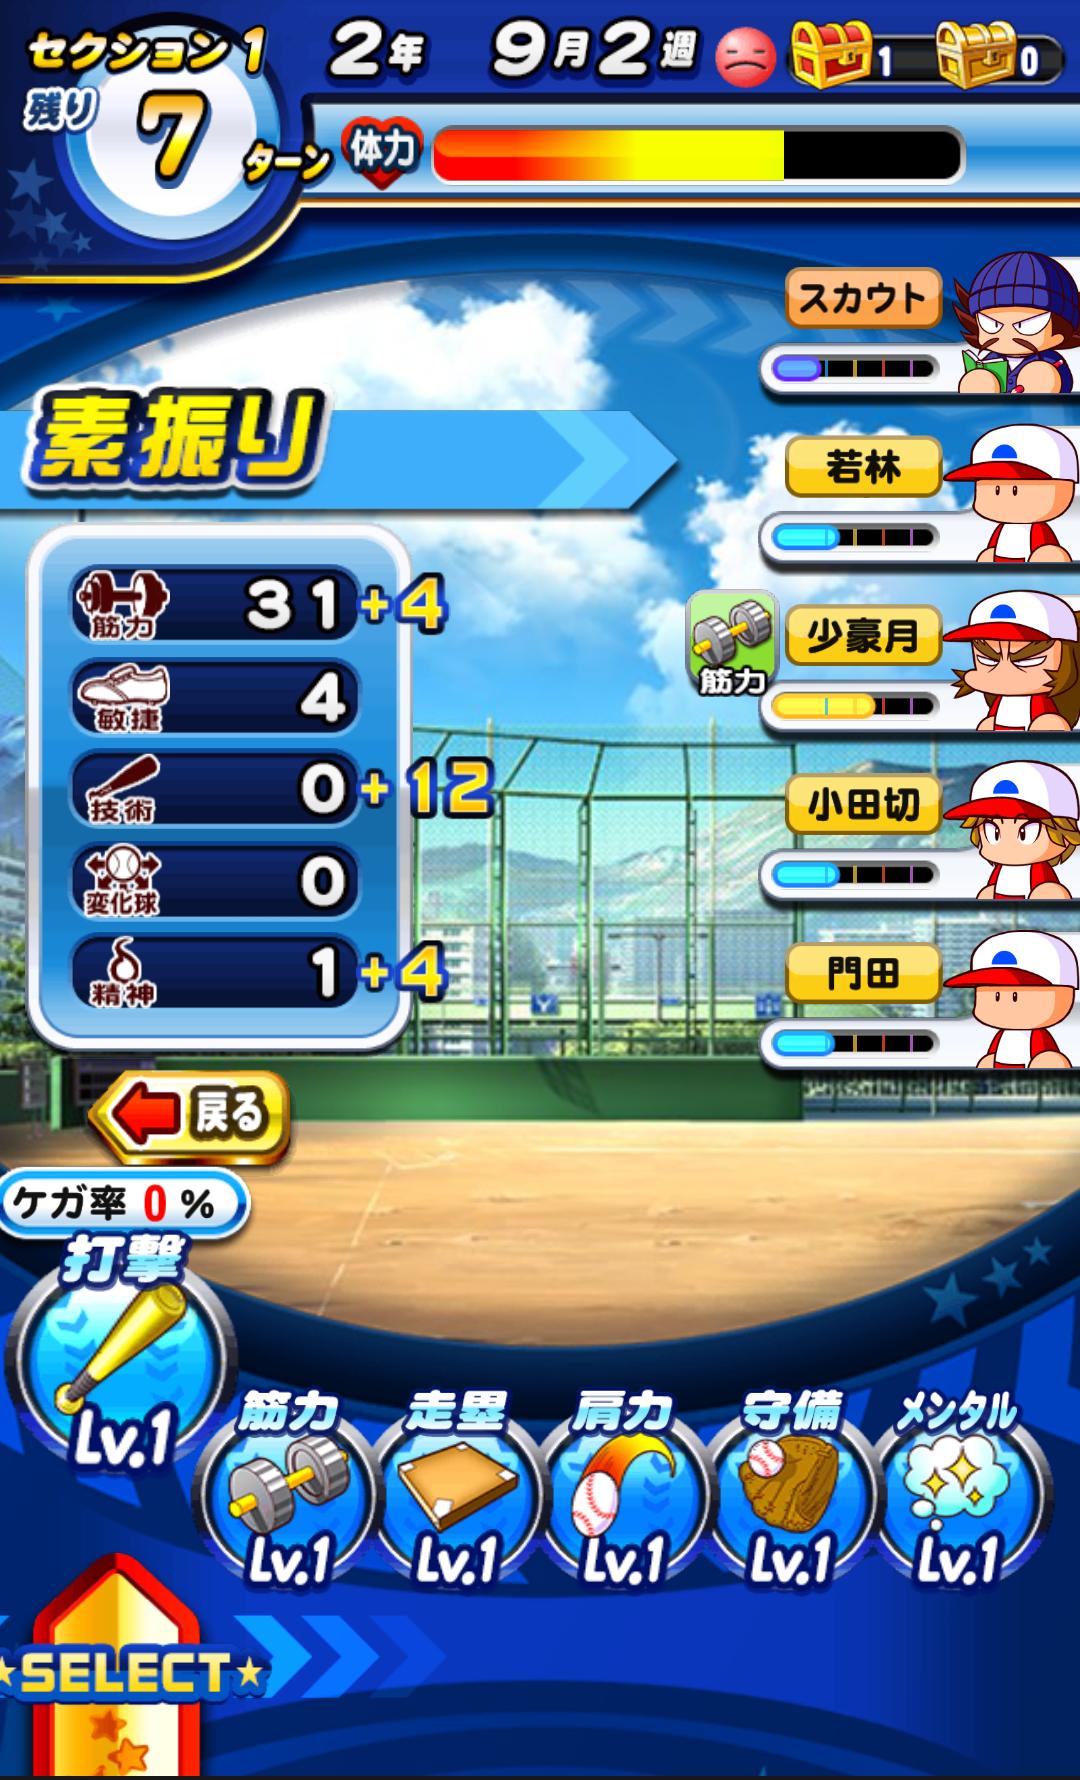 実況パワフルプロ野球 androidアプリスクリーンショット3